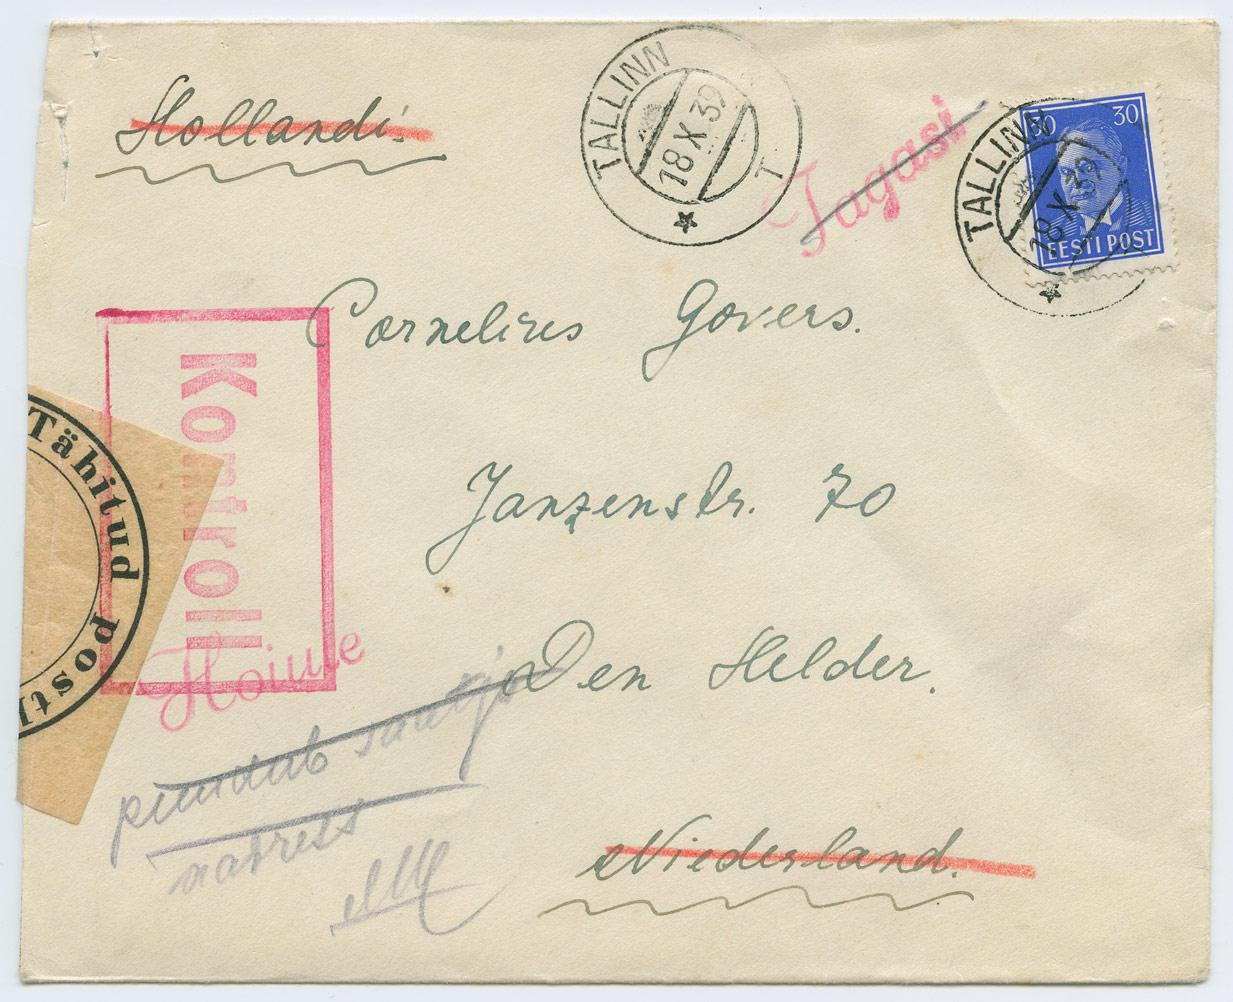 0851a-Tallinn-Hollandi-tsensuuris-kinni-peetuid-1939-postiajalugu-ee